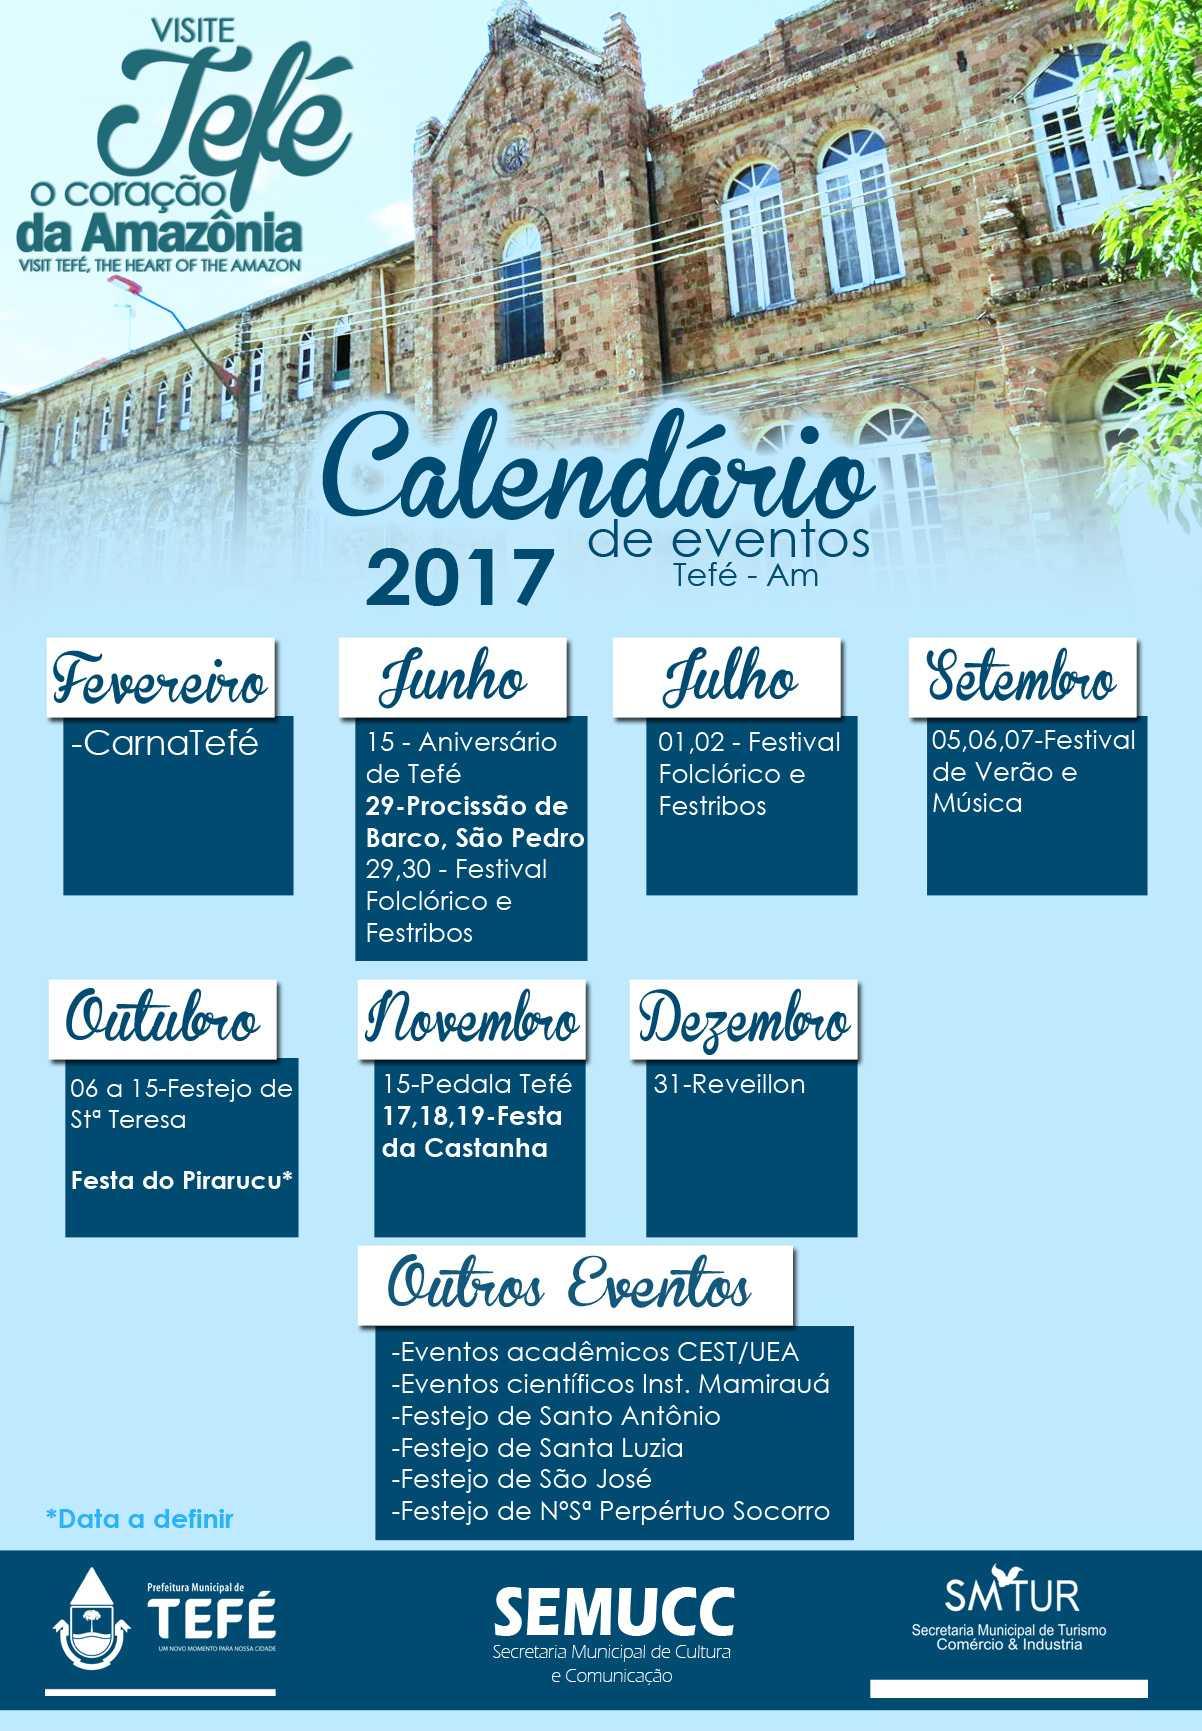 Calendário Oficial das festas da cidade de Tefé